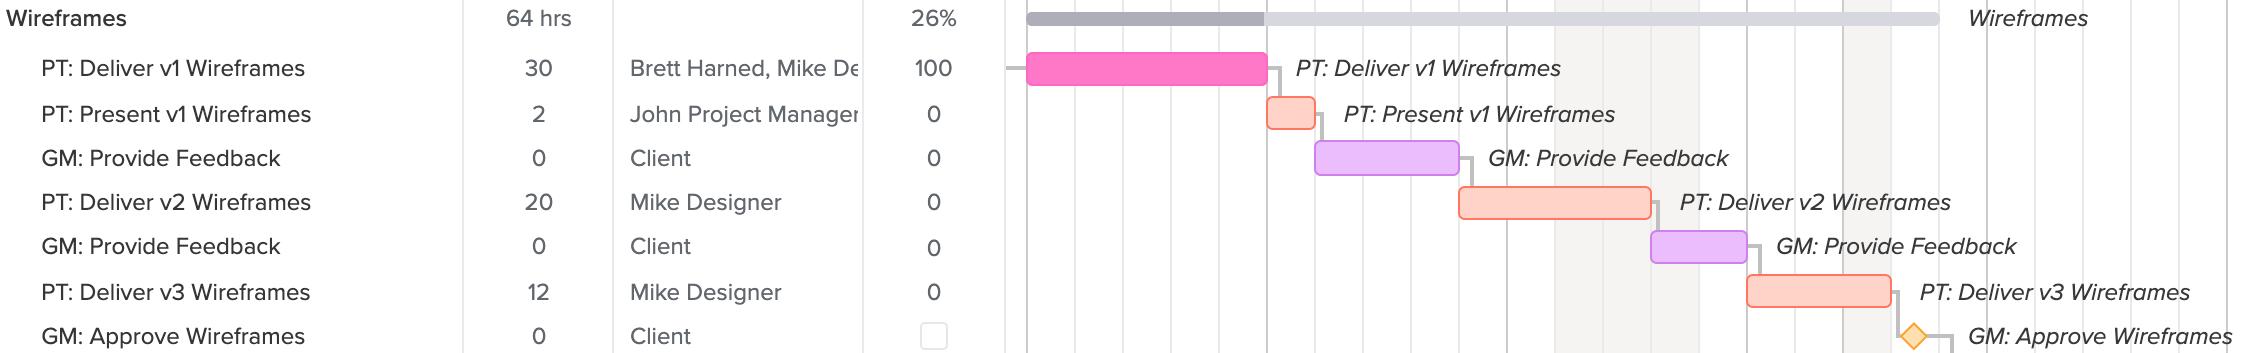 project dependencies in gantt chart